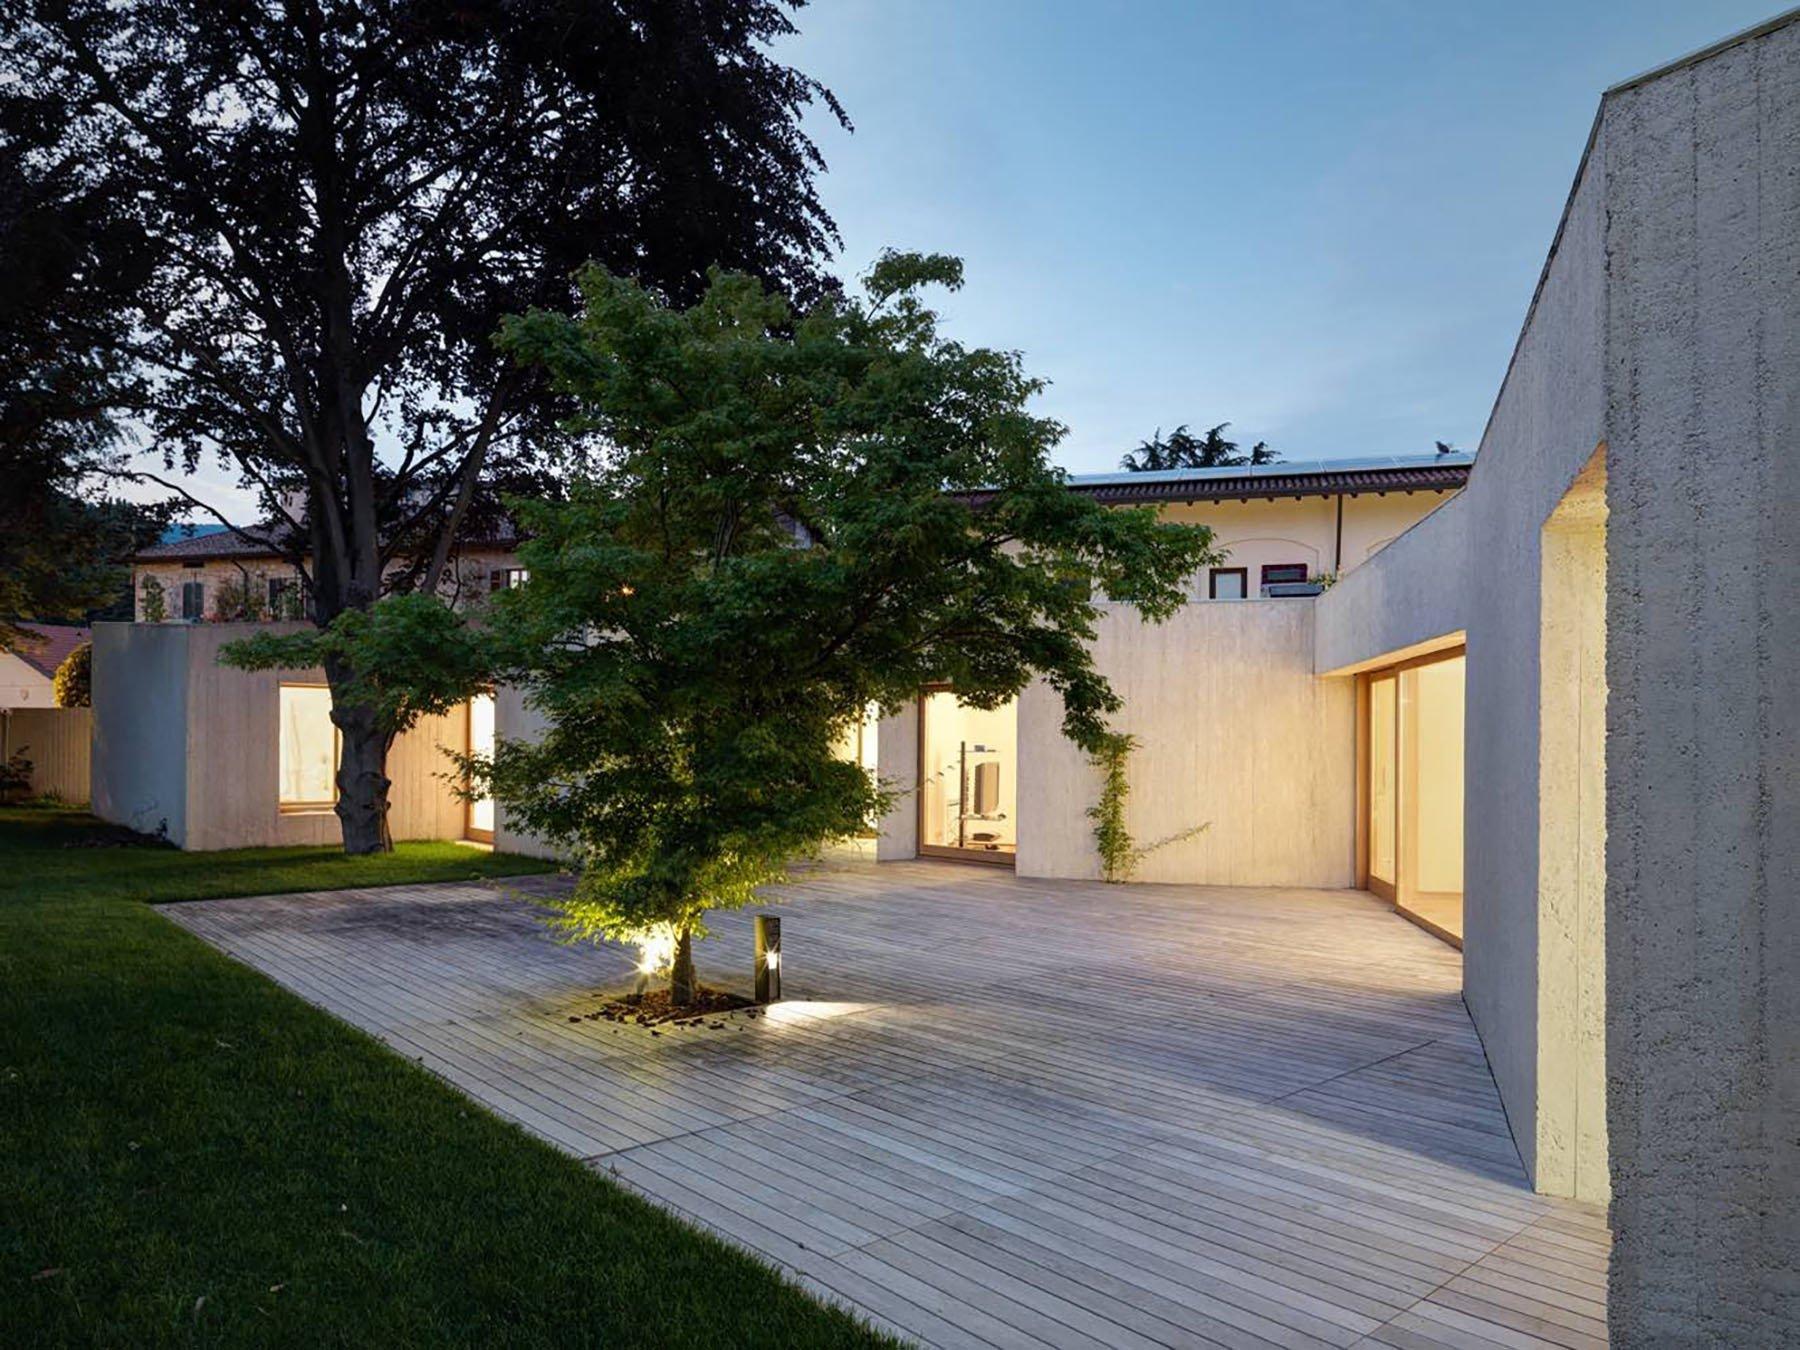 iGNANT-Architecture-Marco-Ortalli-Casa-Crb-007